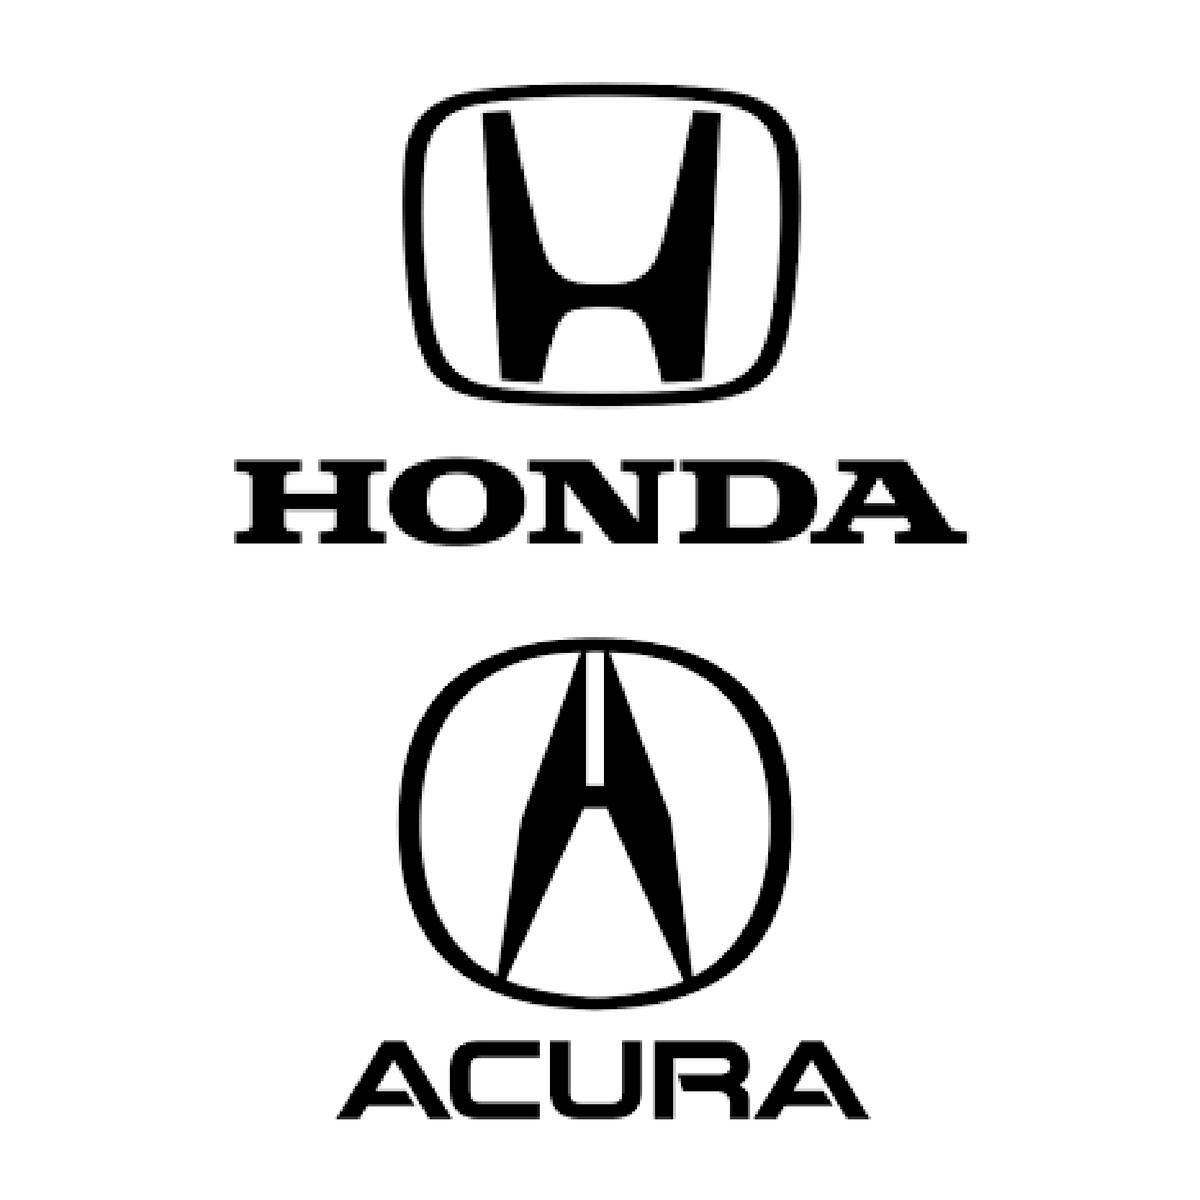 Honda/Acura